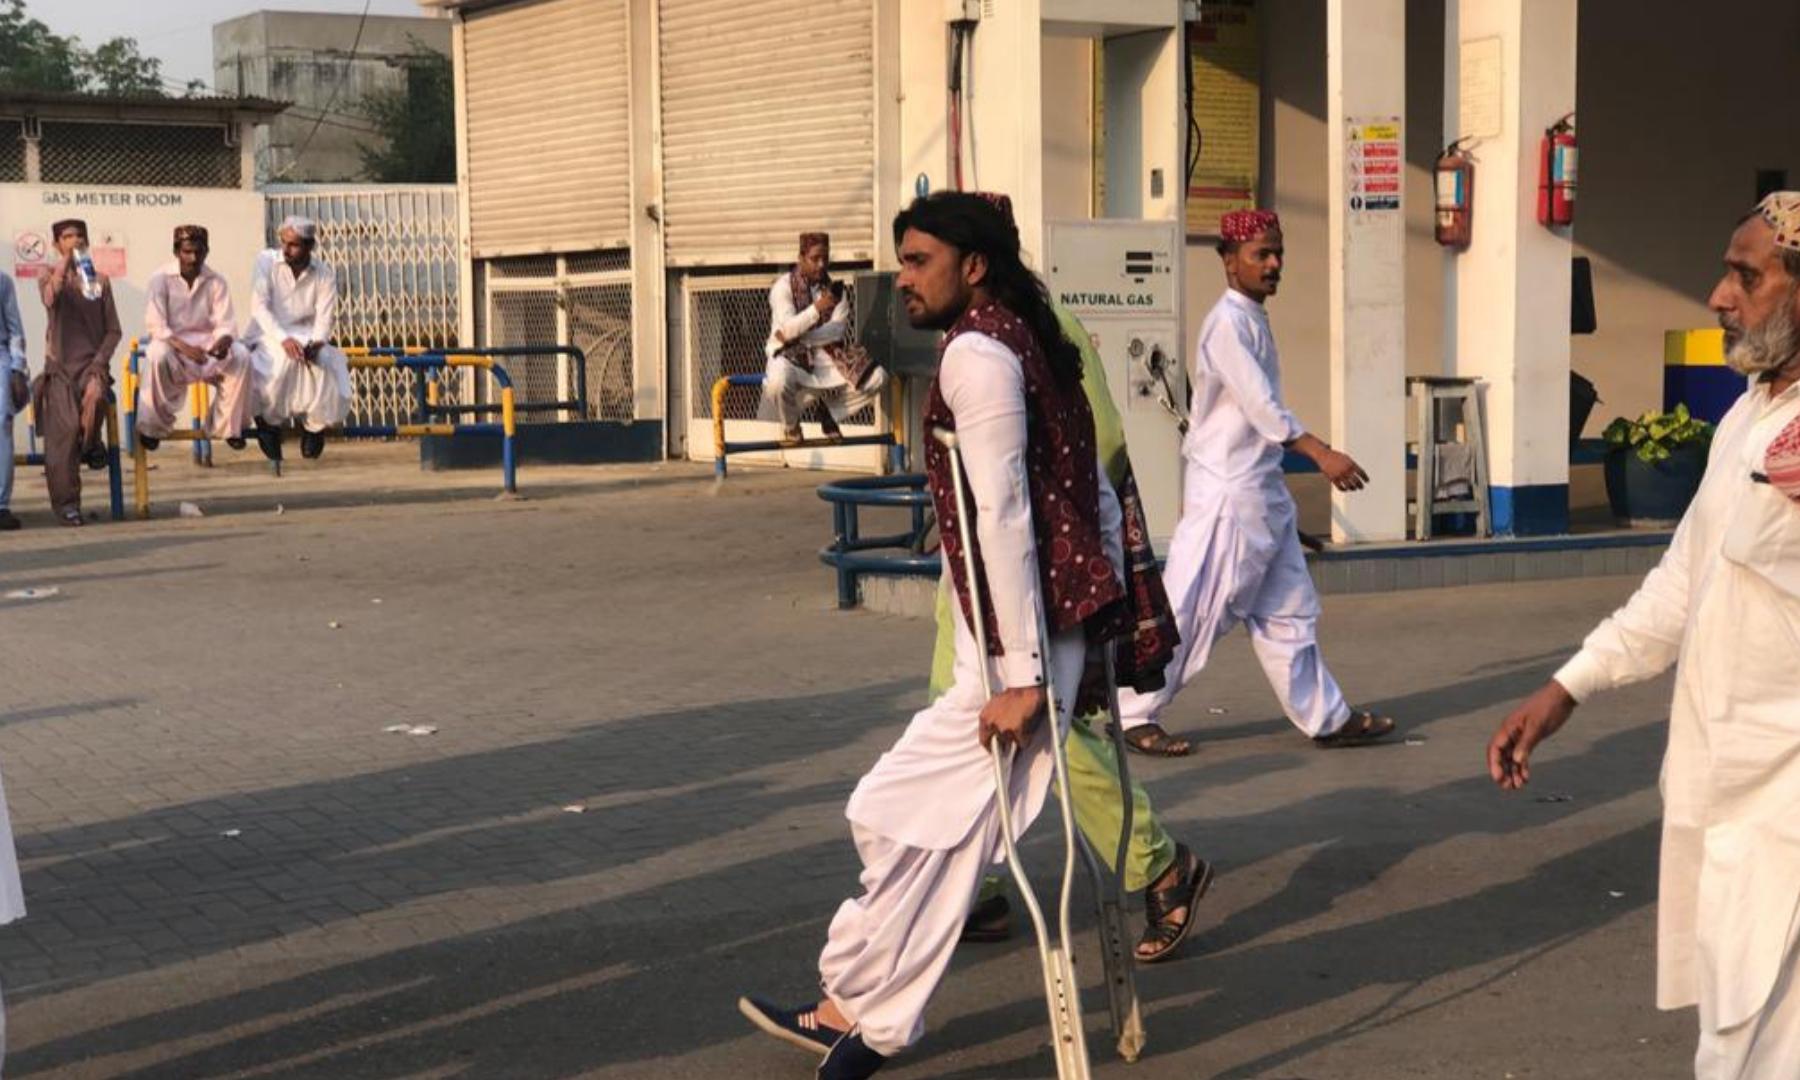 سندھ کے شہریوں نے روایتی انداز میں اپنی ثقافت سے متعلق تقاریب اور جلسوں میں شرکت کی—فوٹو: امتیاز علی